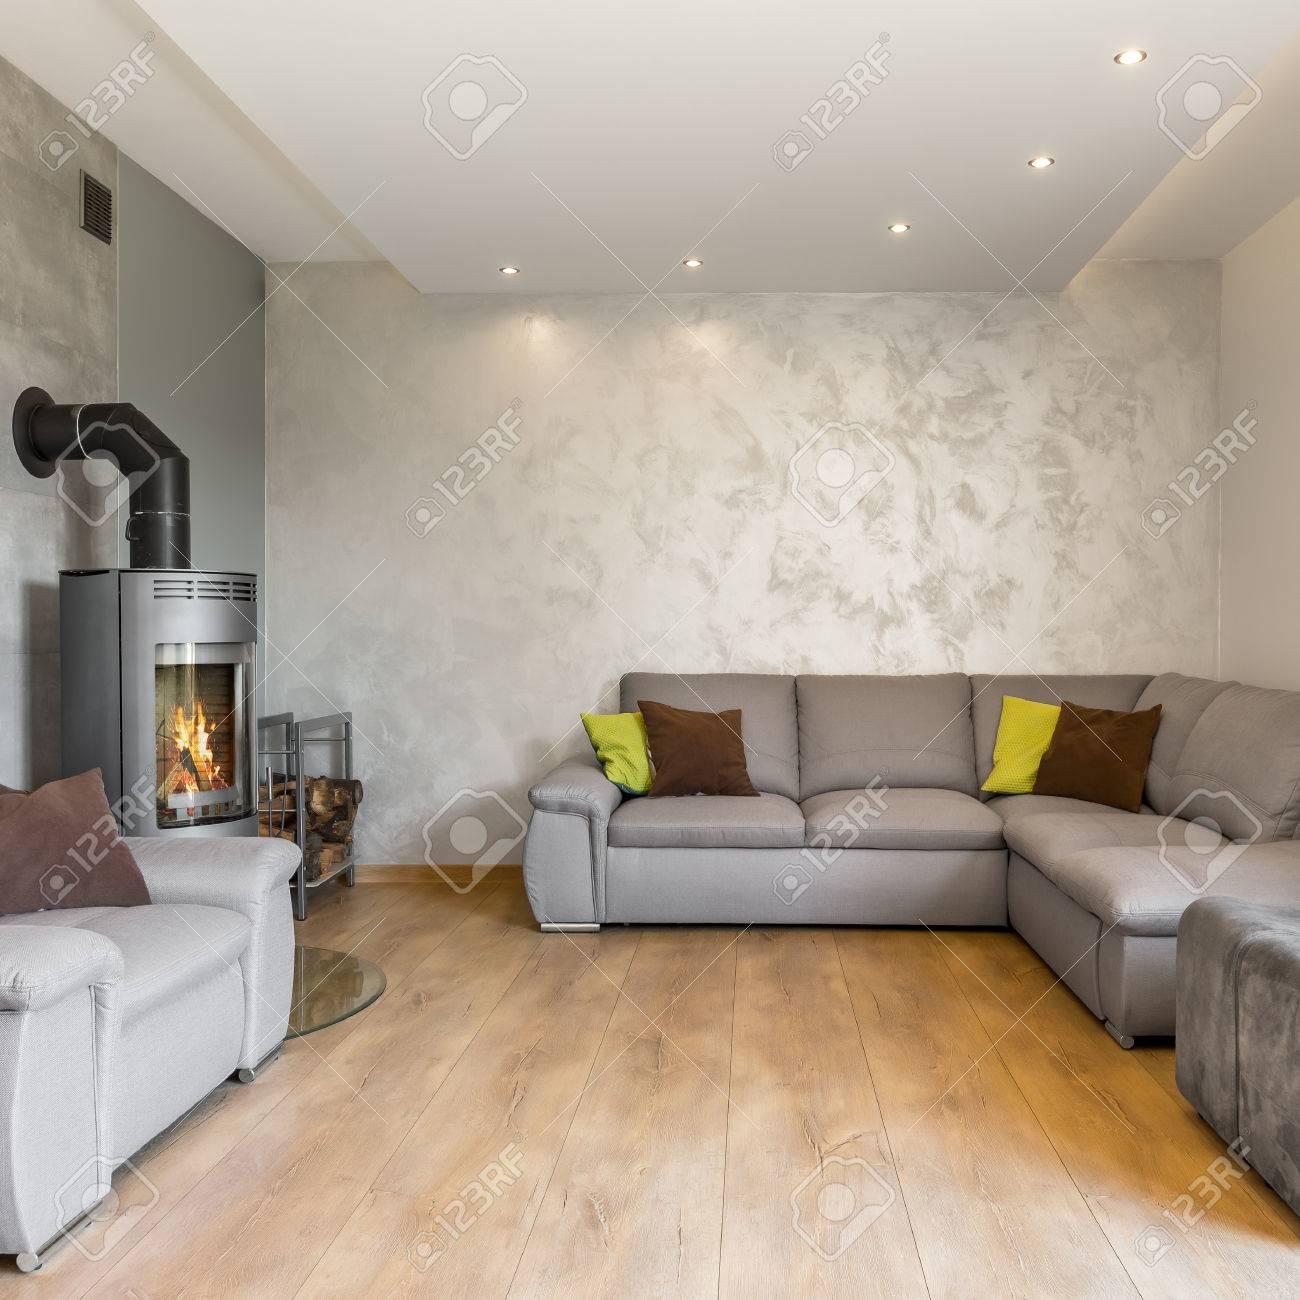 Wohnzimmer In Grau Mit Extra Großem Sofa Und Kamin Im Industriestil ...